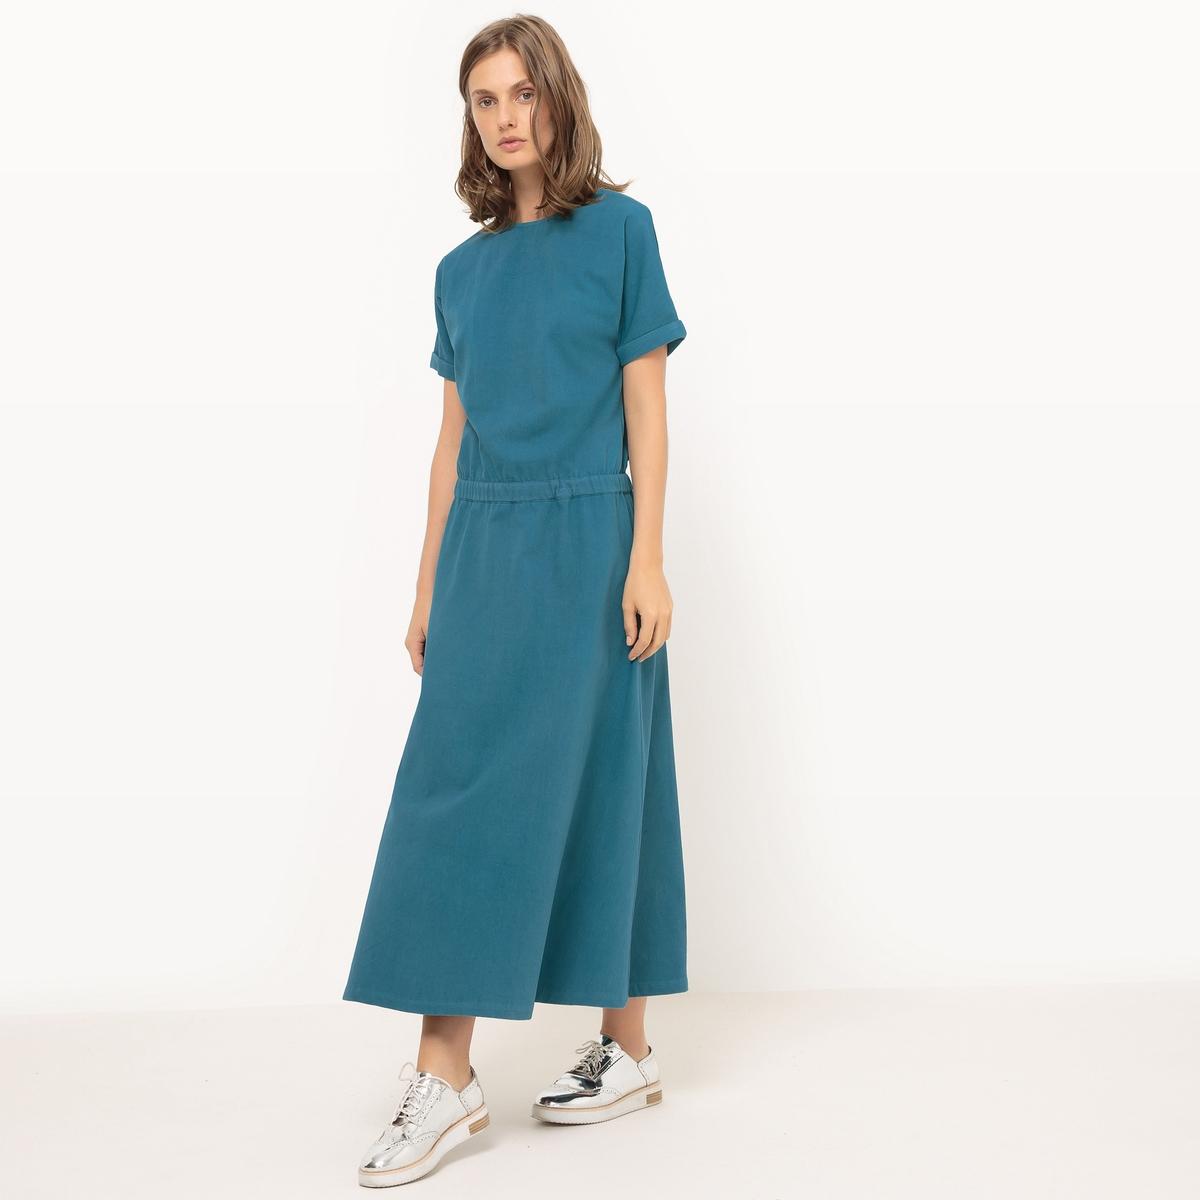 Платье длинное с эластичным поясом